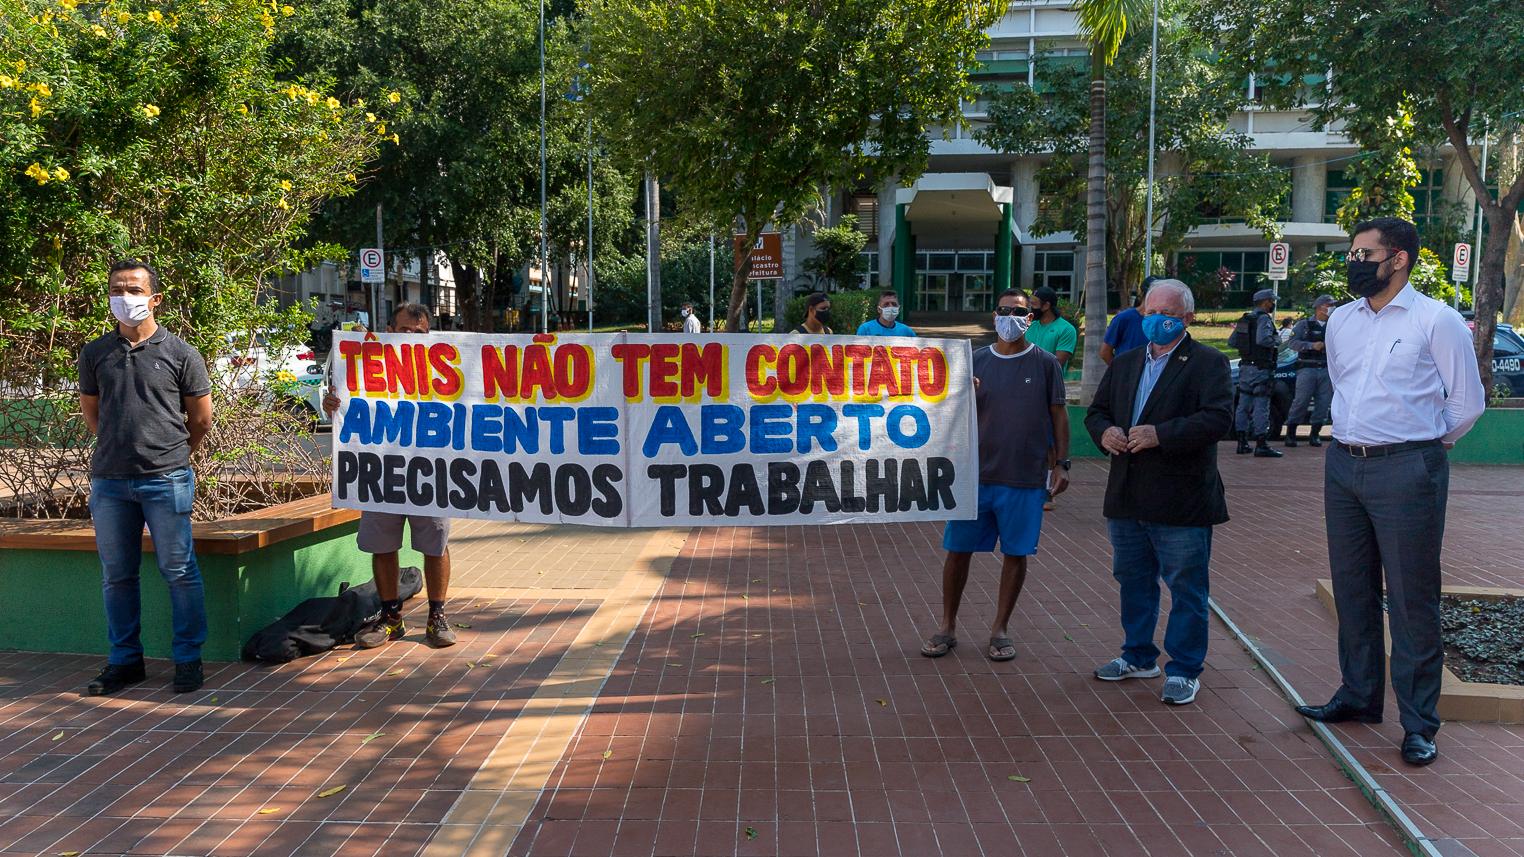 Parado desde março, tênis quer retomar atividades e faz manifestação em frente da prefeitura de Cuiabá